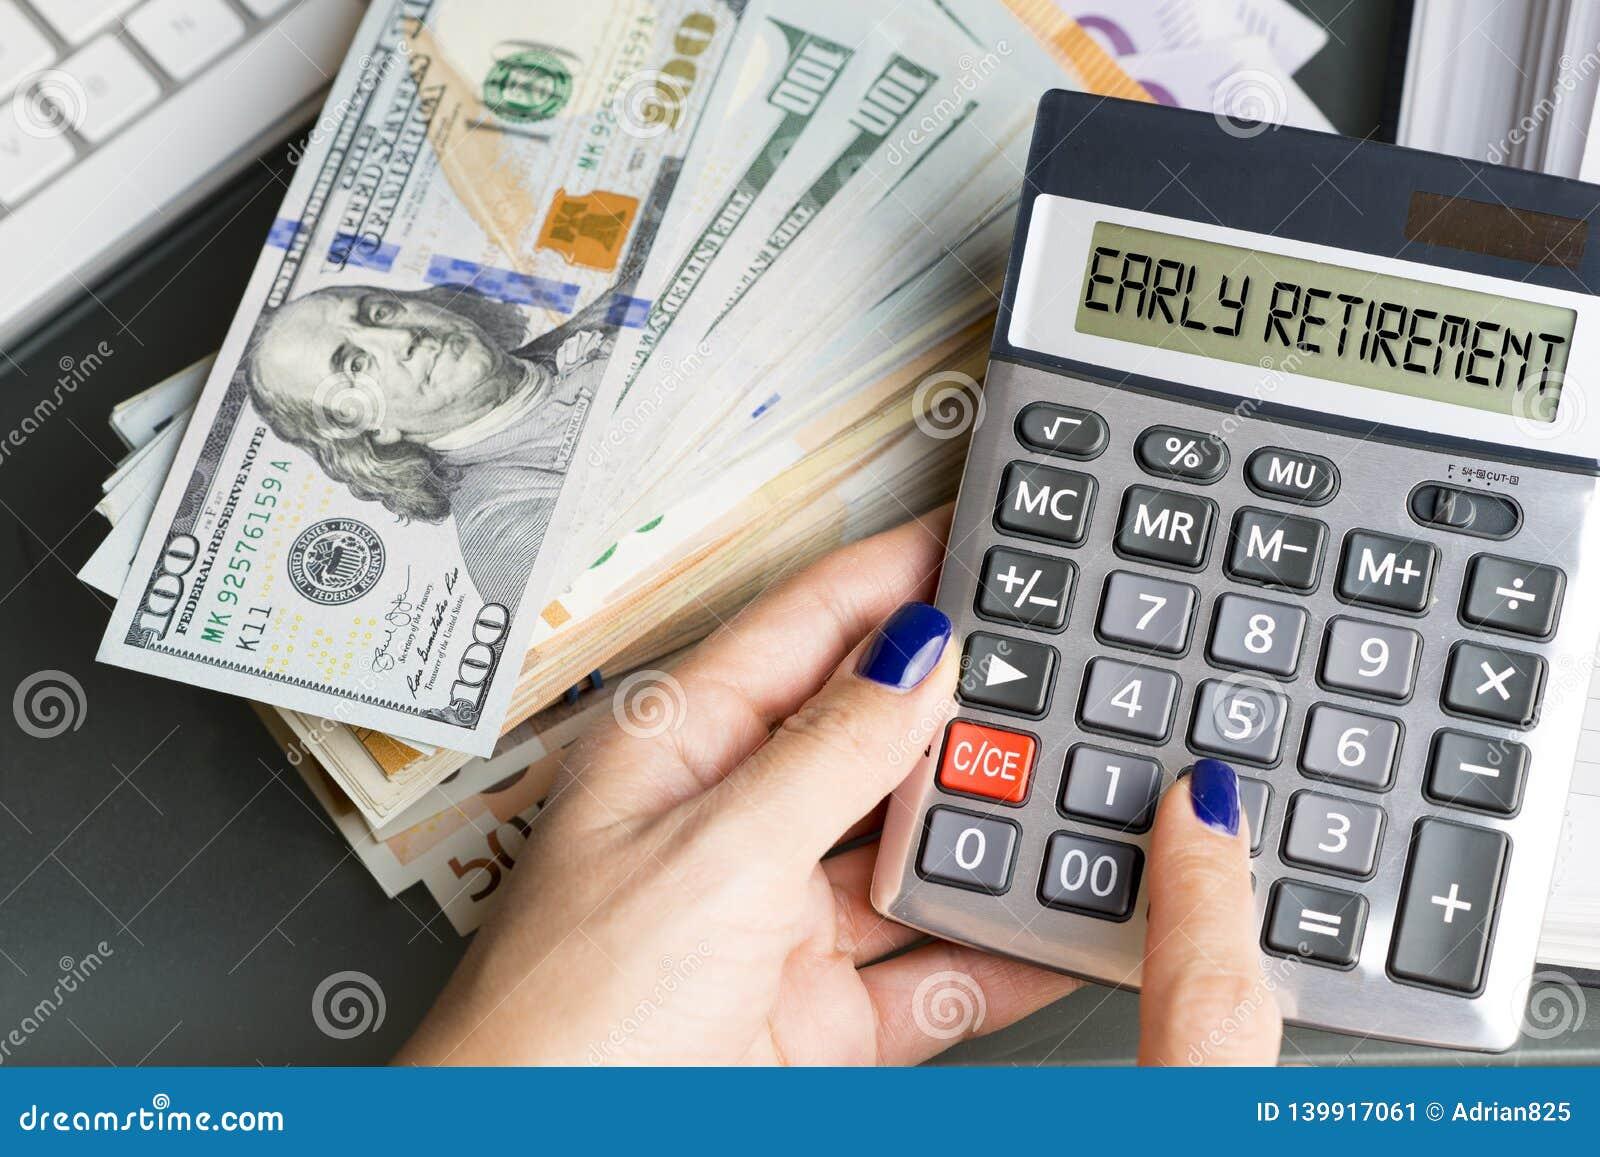 Aktywnej kobiety planistyczna wcześniejsza emerytura z kalkulatorską maszyną i jej oszczędzania dla emerytury